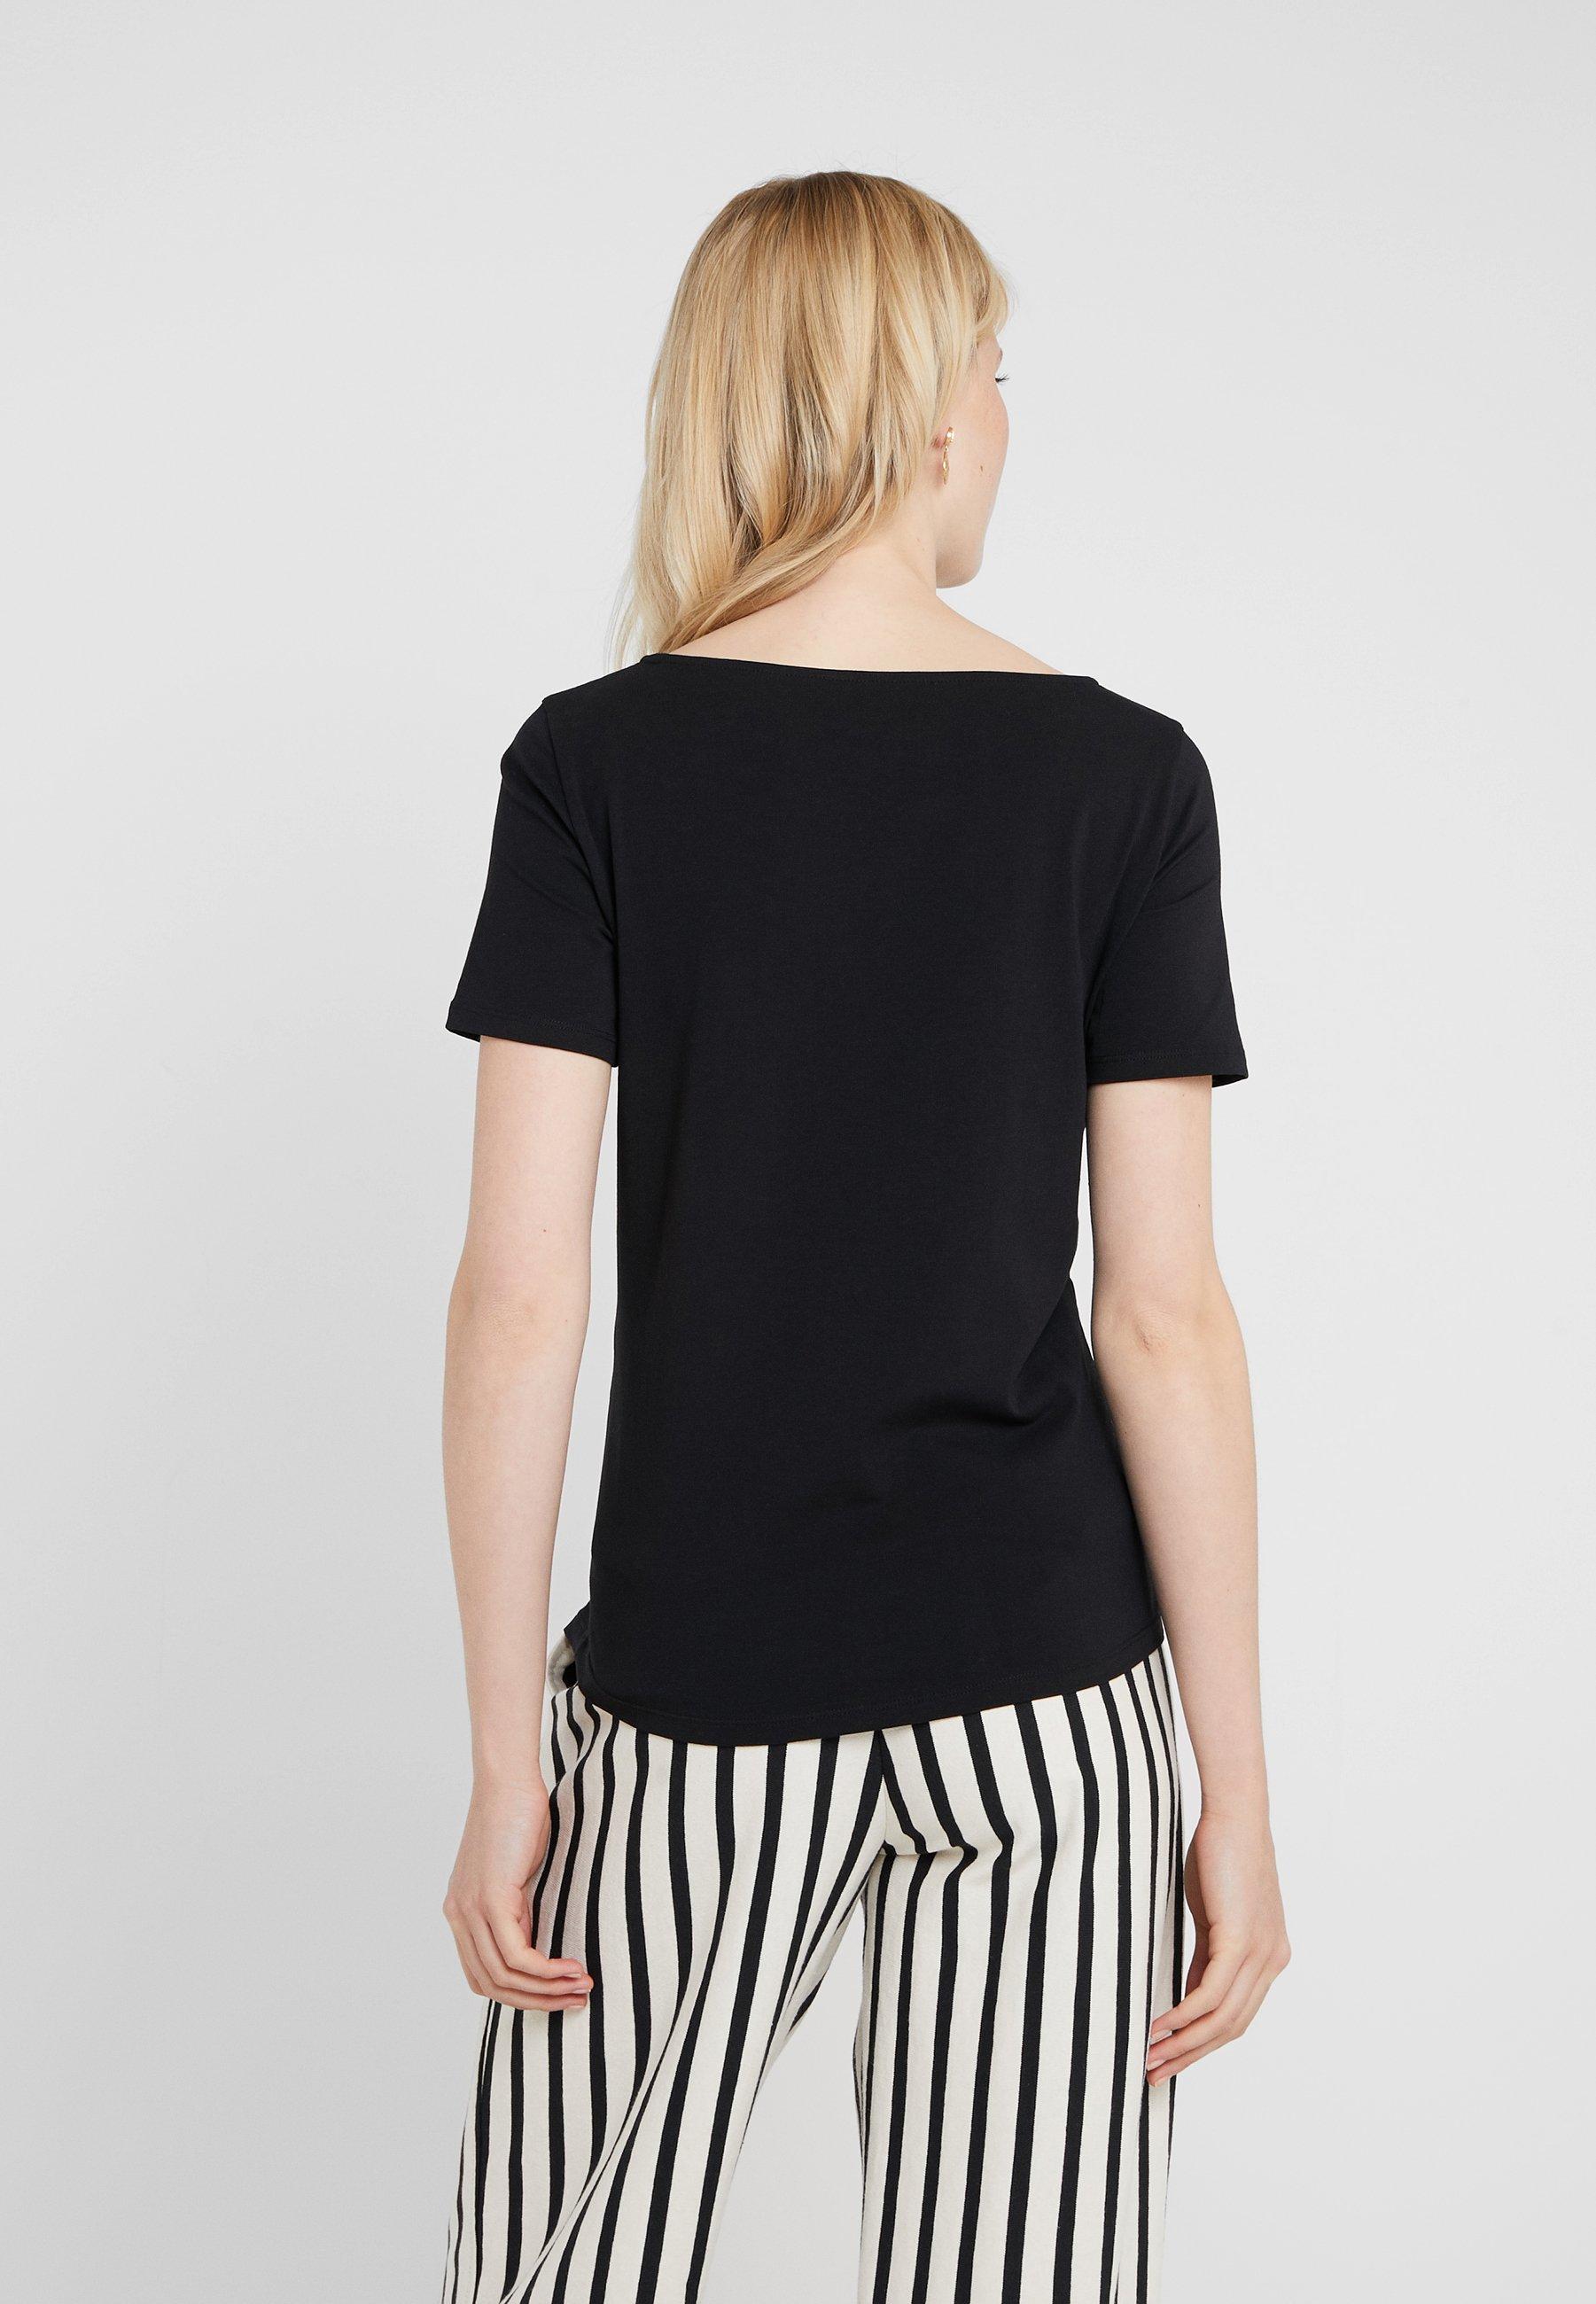 shirt Schwarz MultieT Maxmara Basique Weekend 9YbWIEDeH2